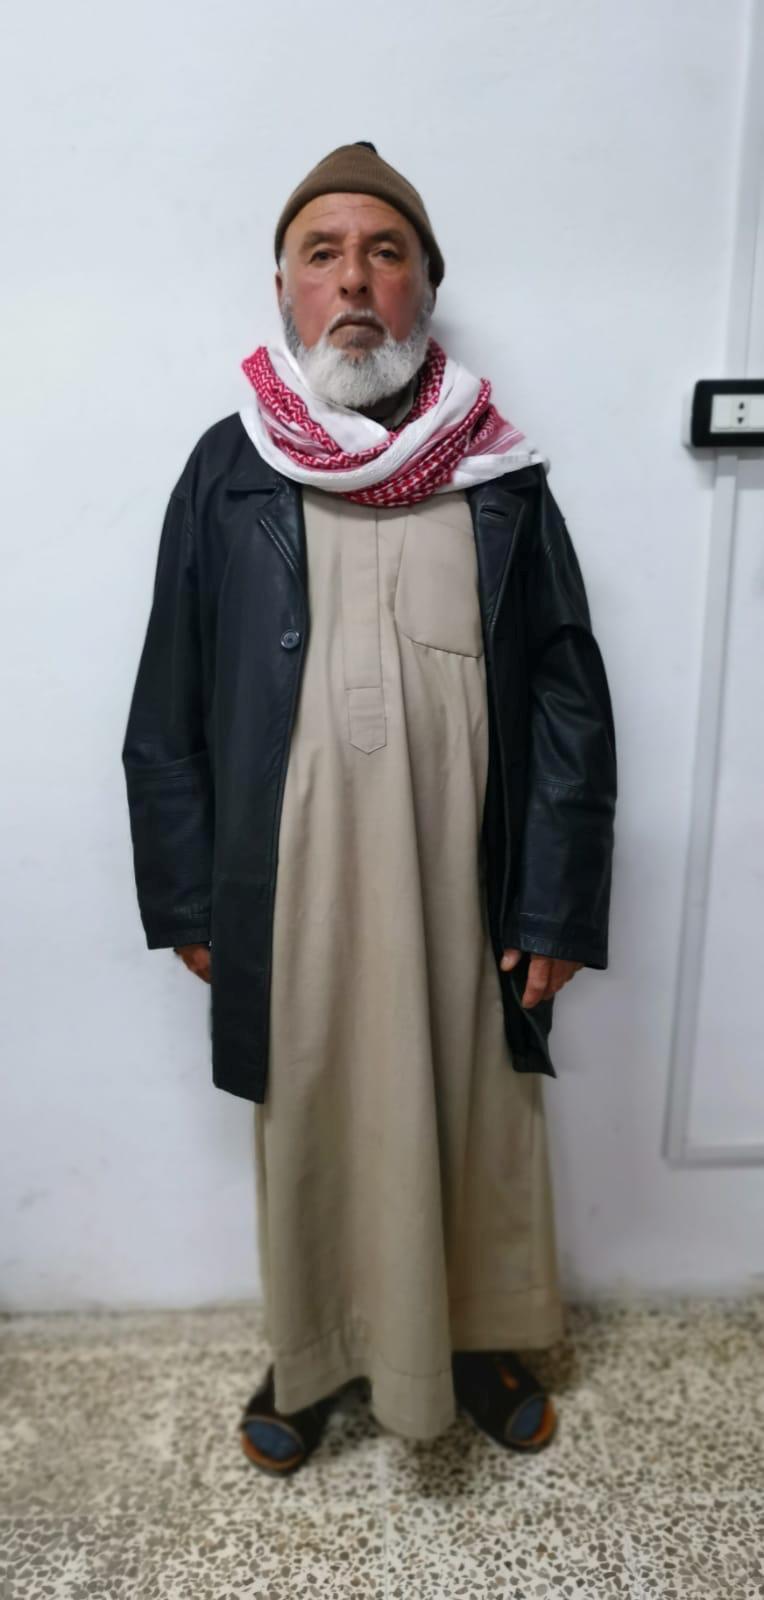 صورة يعتقد أنها لزوج رسمية عواد شقيقة أبو بكر البغدادي